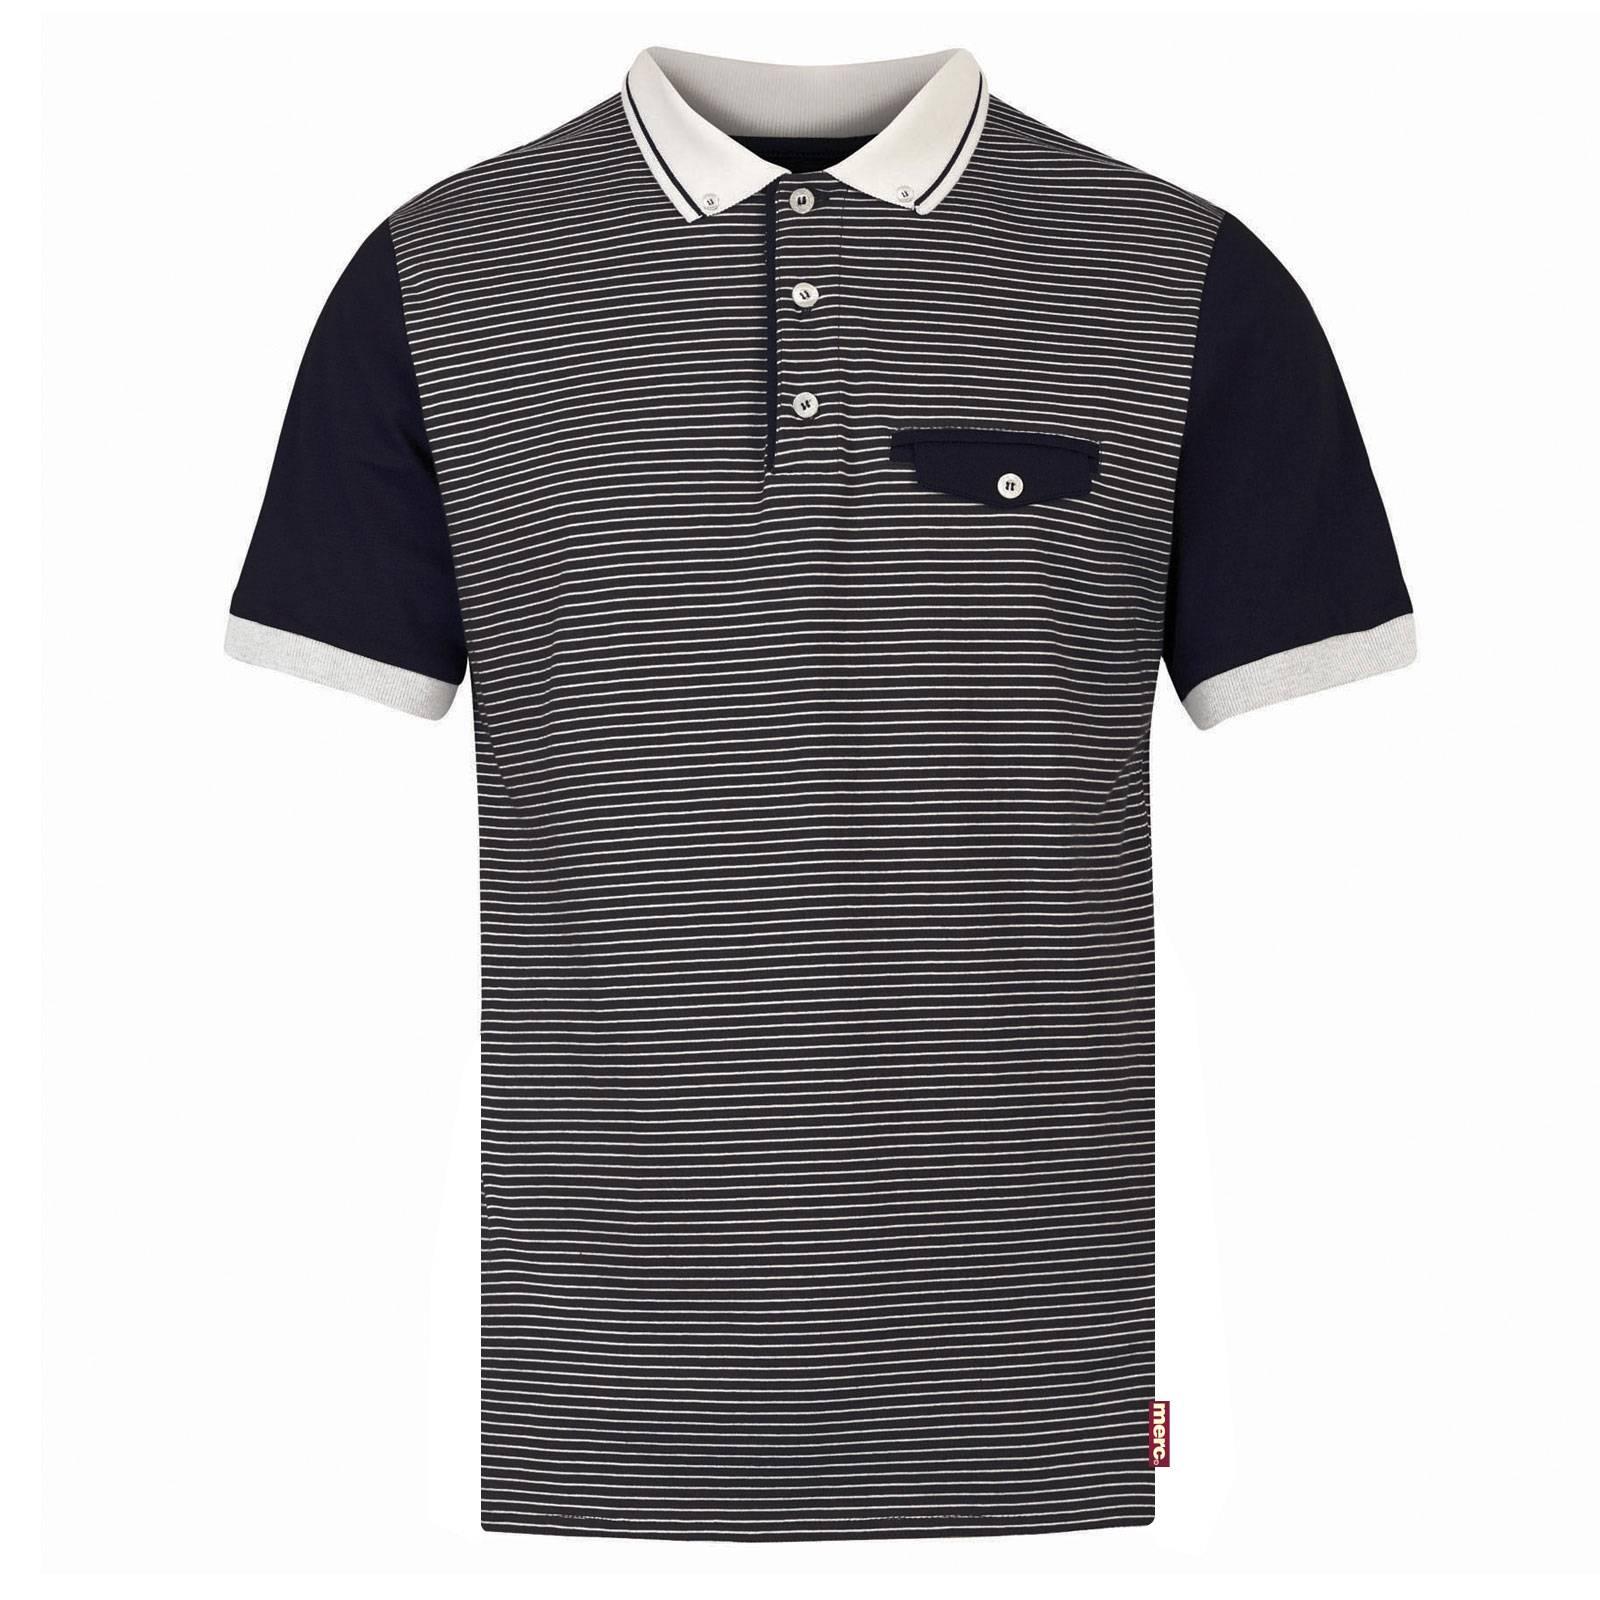 Рубашка Поло ColeПоло<br><br><br>Артикул: 1913102<br>Материал: 100% хлопок<br>Цвет: синий в белую полоску<br>Пол: Мужской